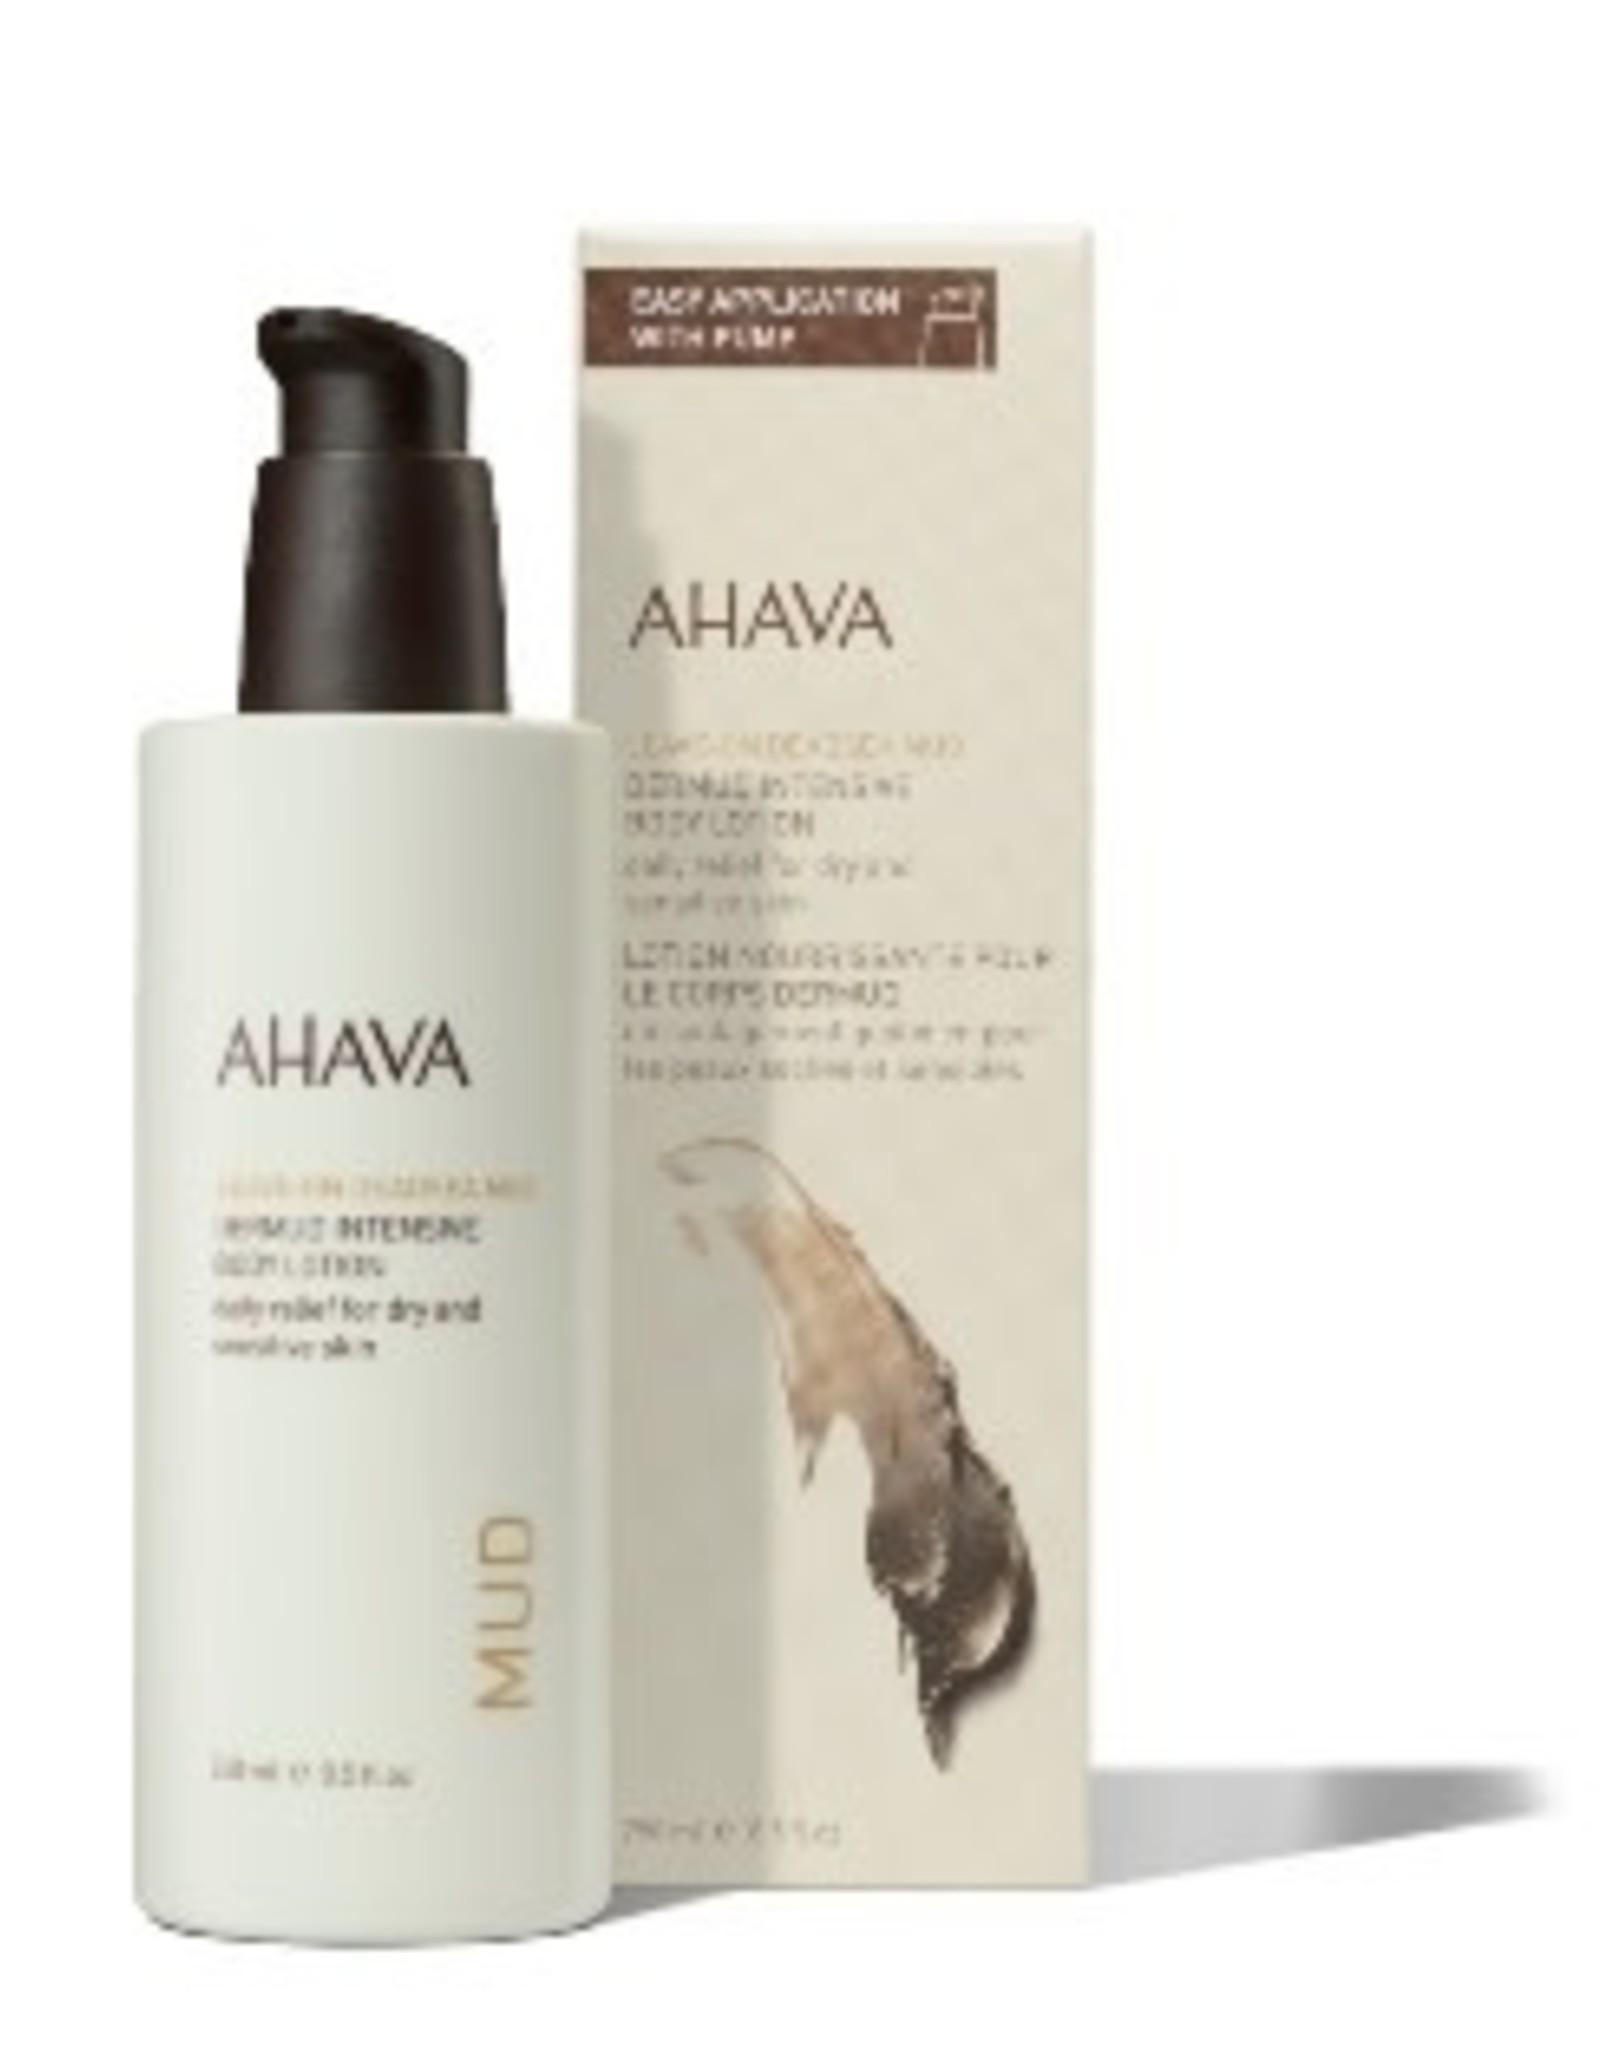 AHAVA Dermud body lotion 250ml